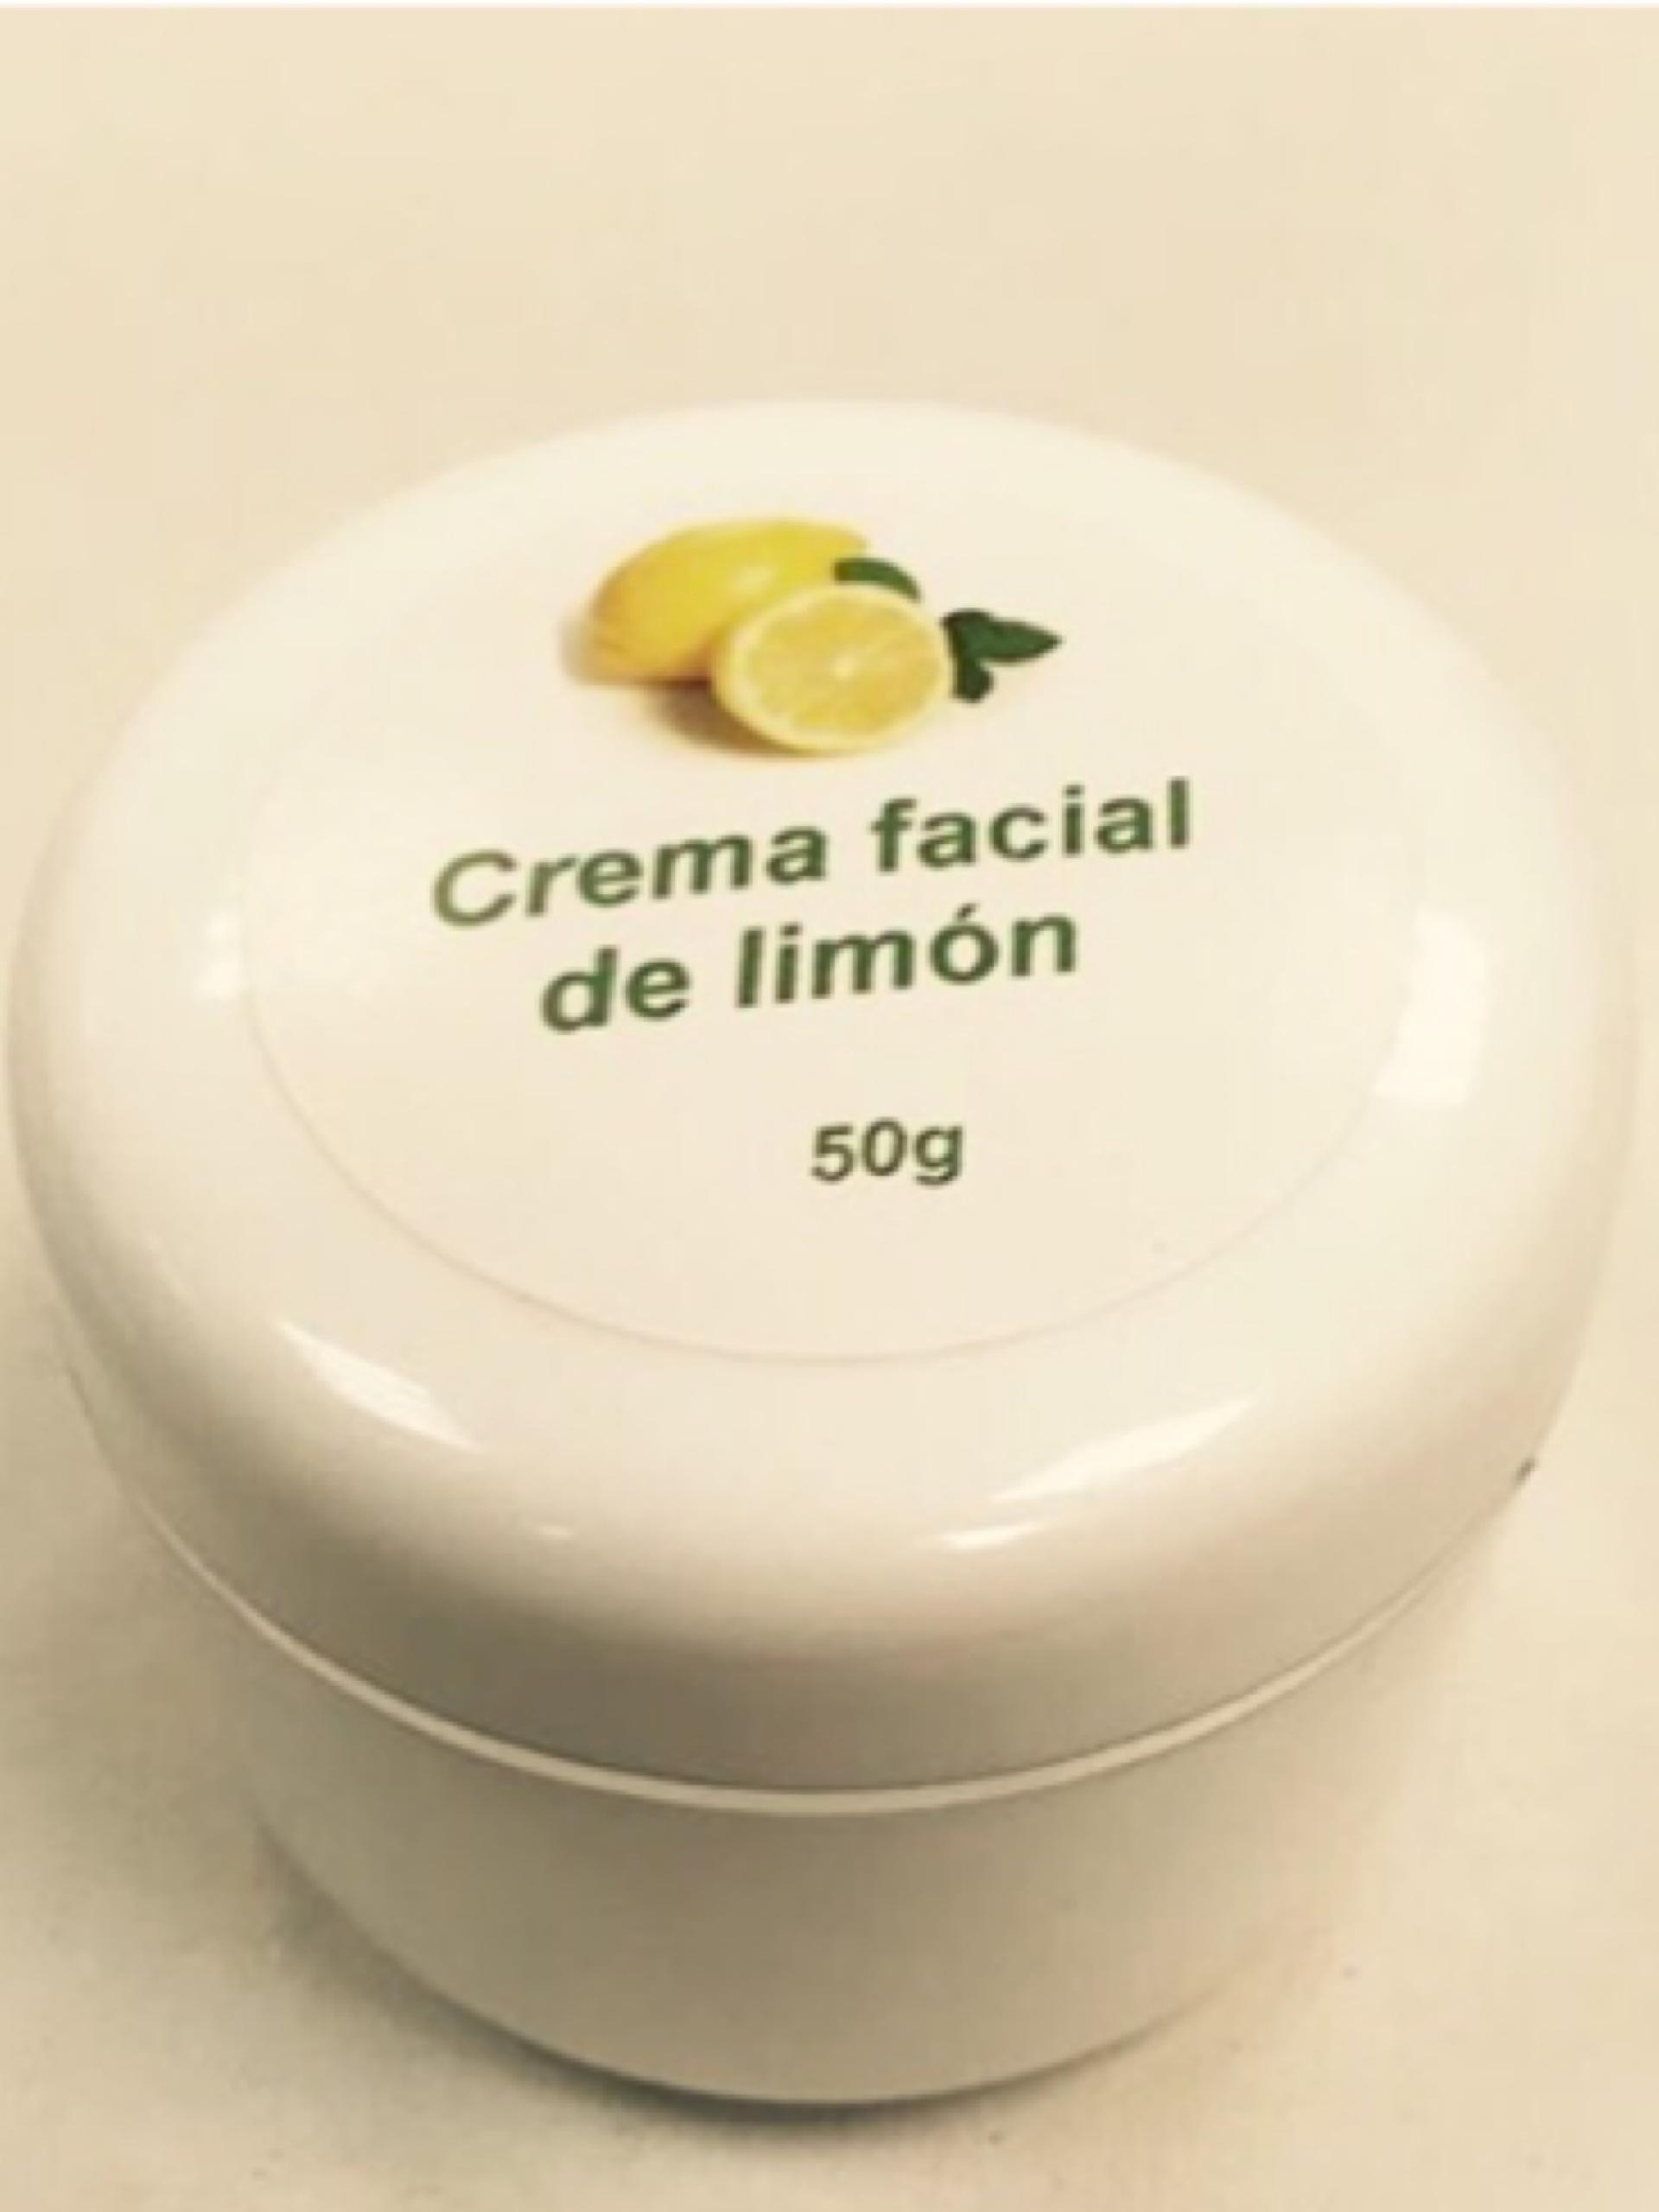 Crema facial de limón